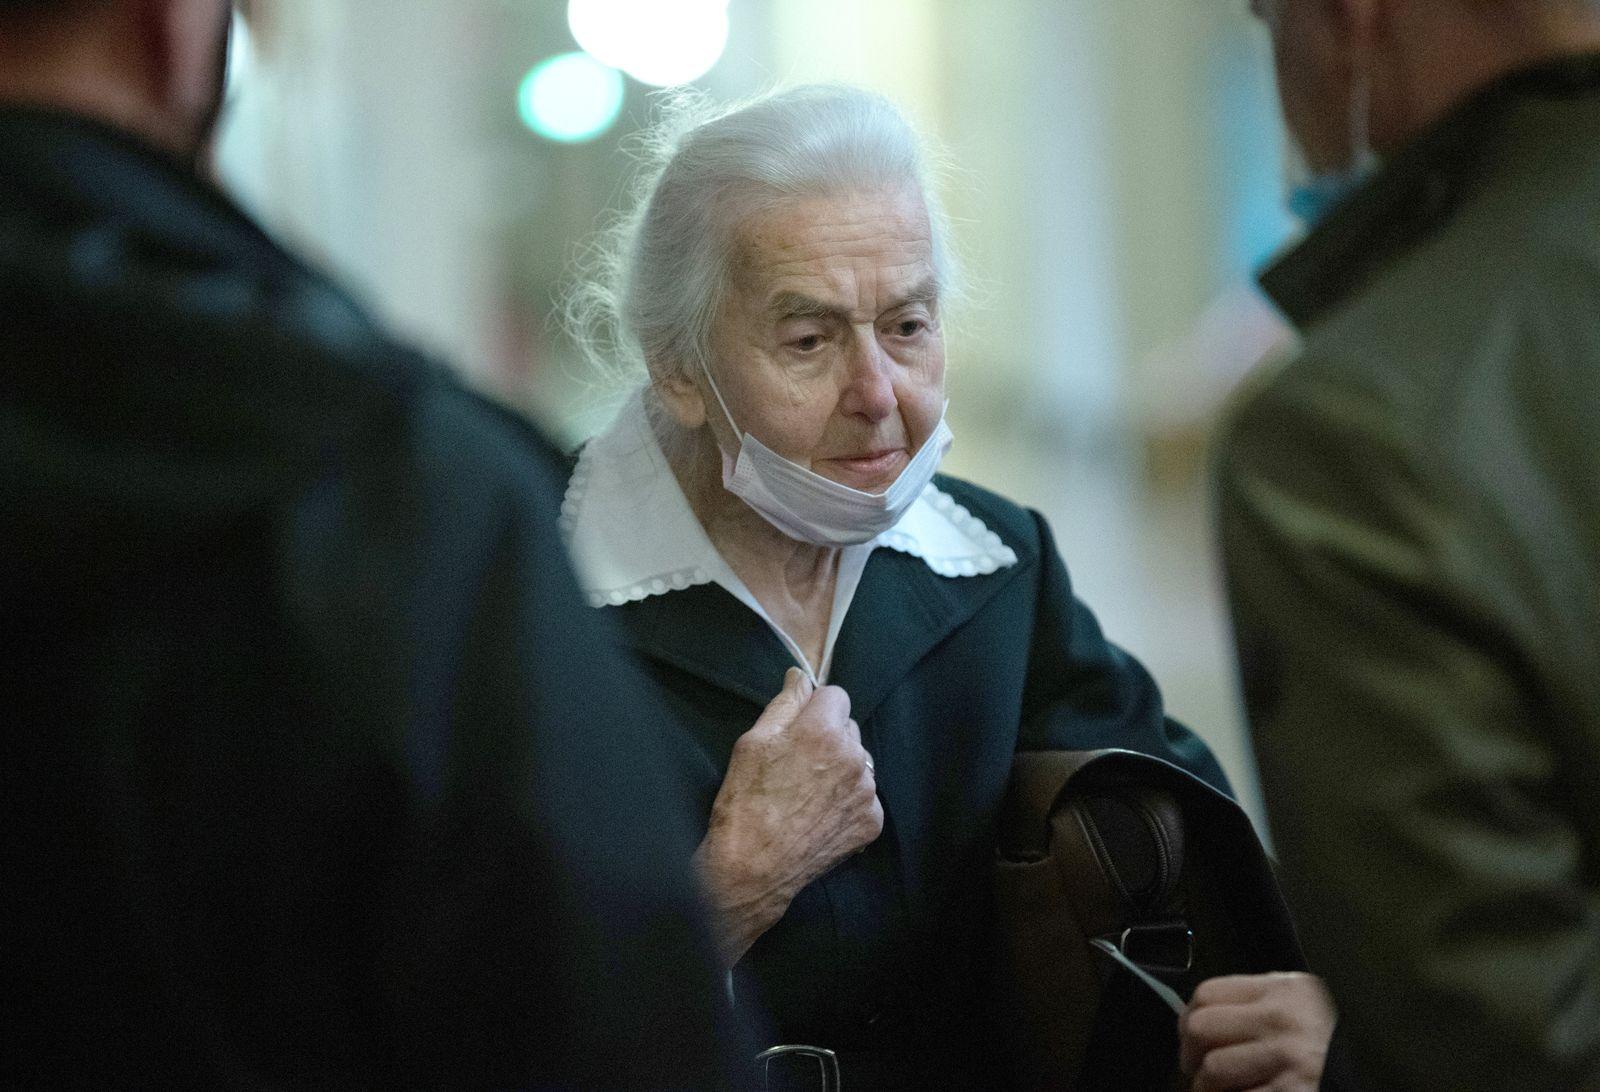 Prozess gegen Holocaust-Leugnerin Haverbeck